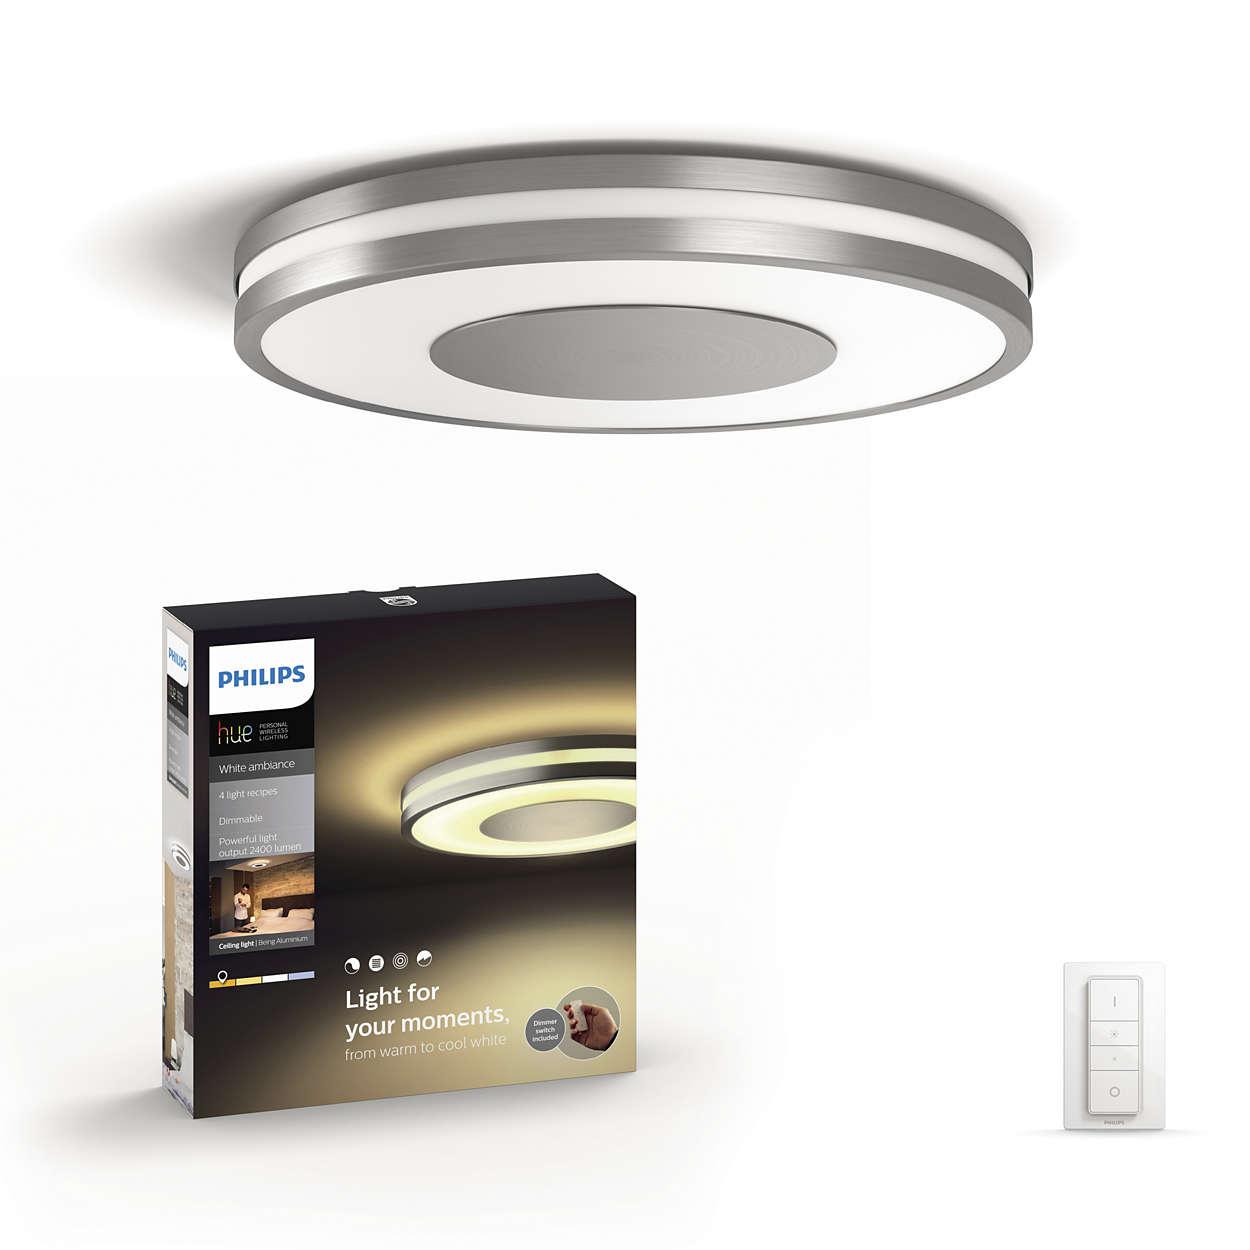 Projecte um brilho de luz agradável no seu tecto